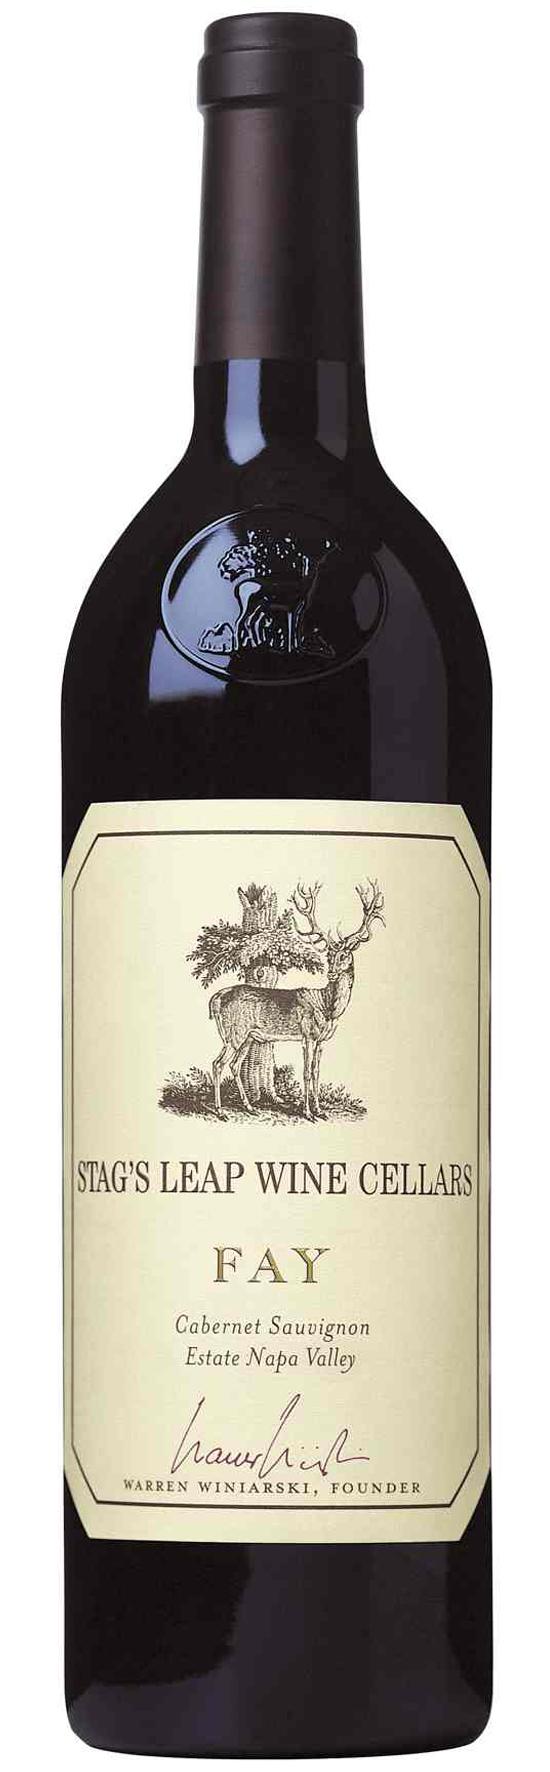 2013 FAY Cabernet Sauvignon Stag's Leap Wine Cellars